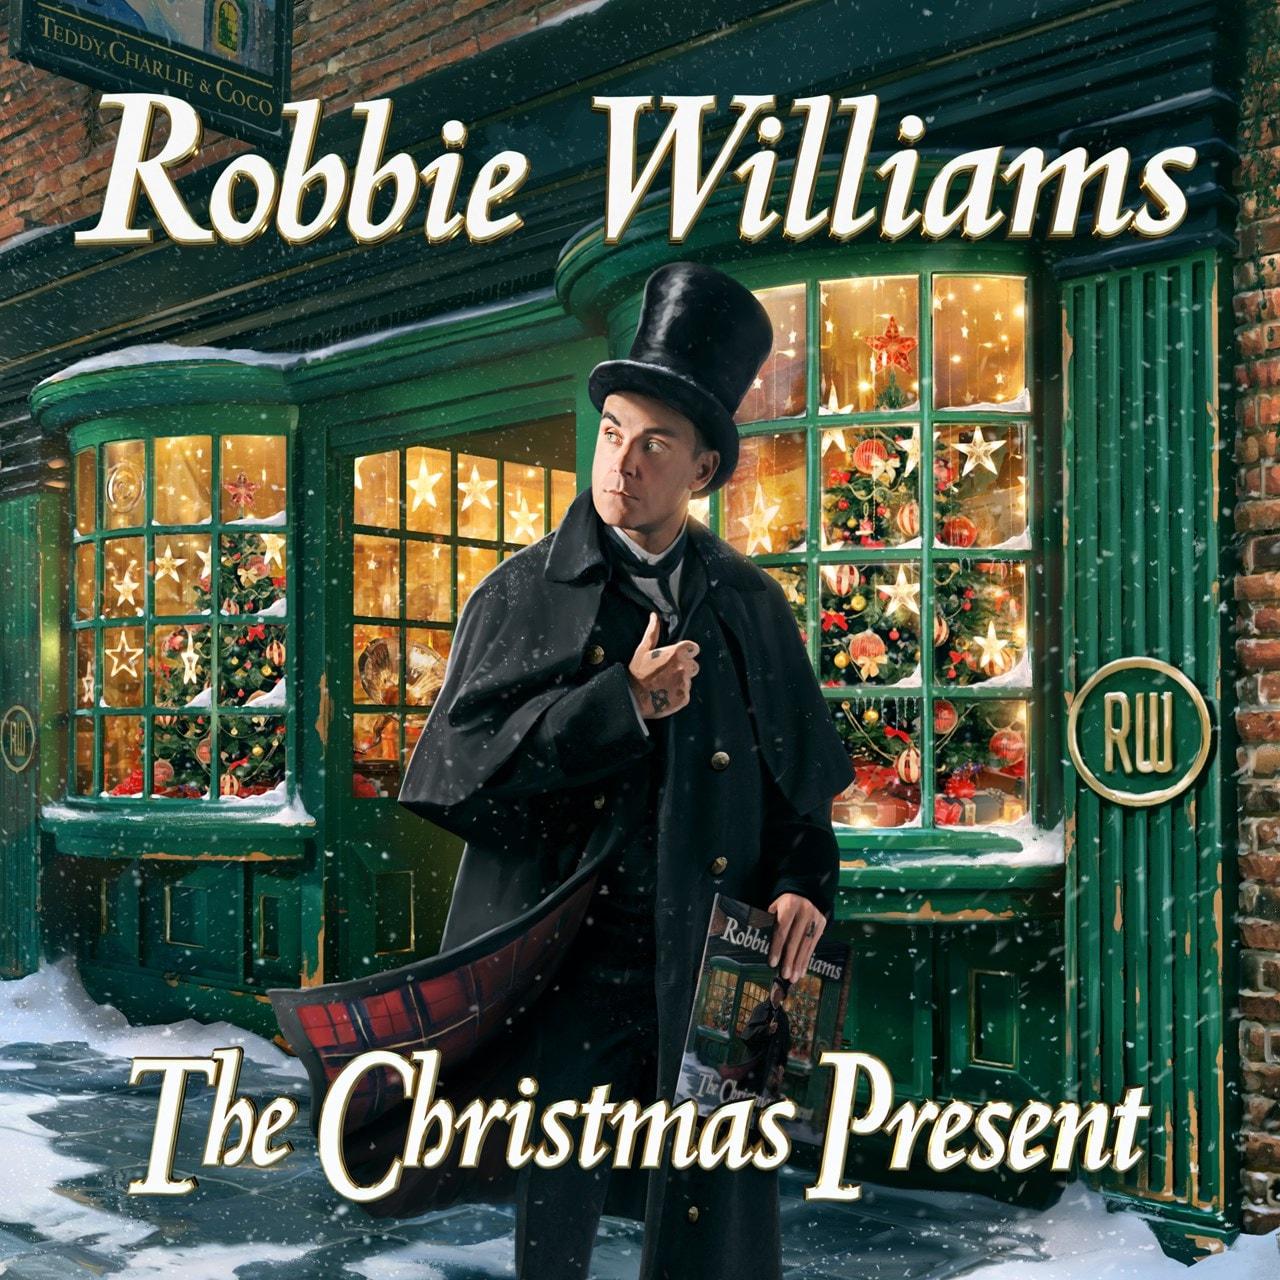 The Christmas Present - 1